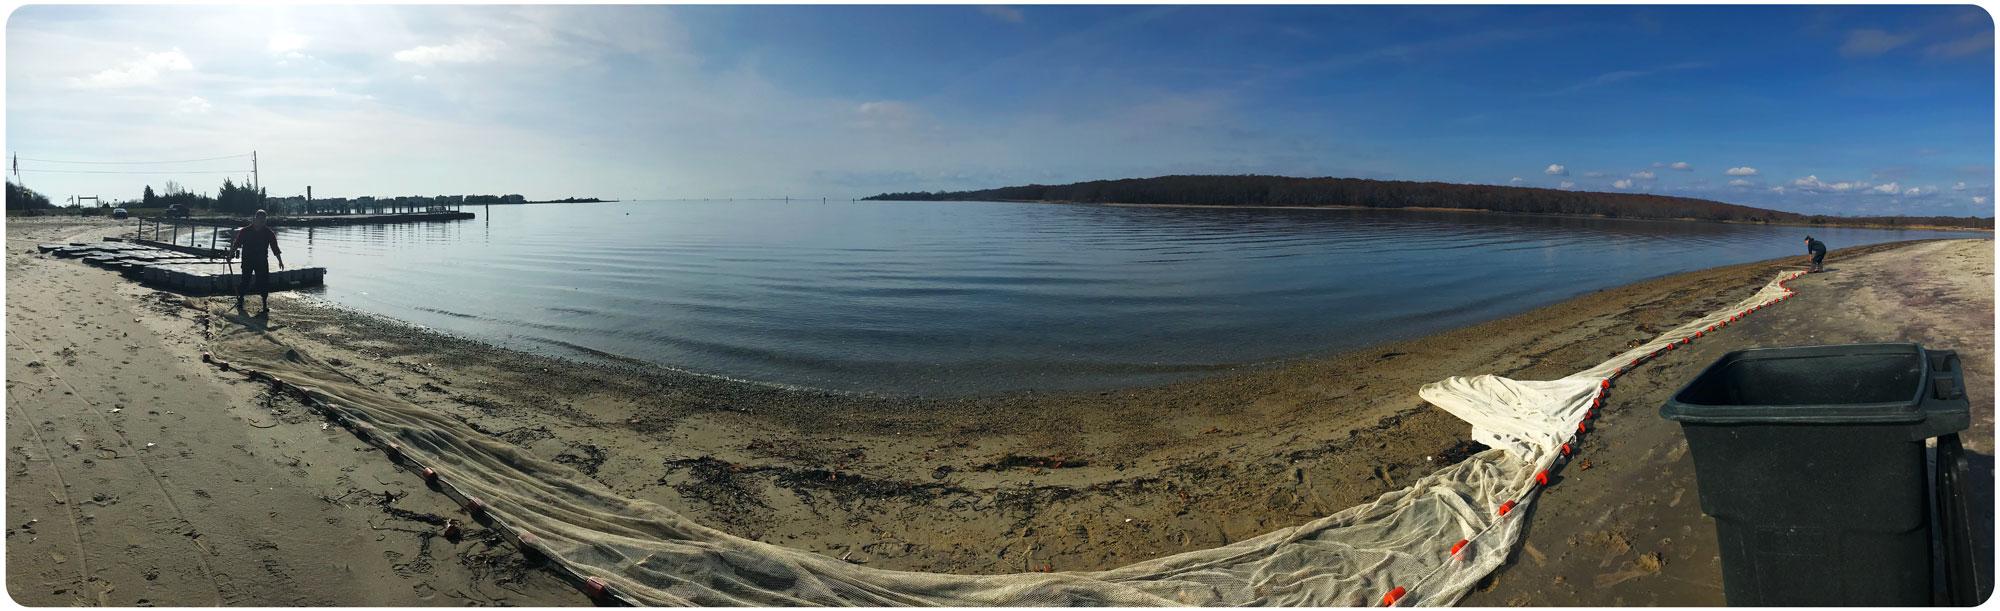 Mumford-Cove-seine-11-11-19